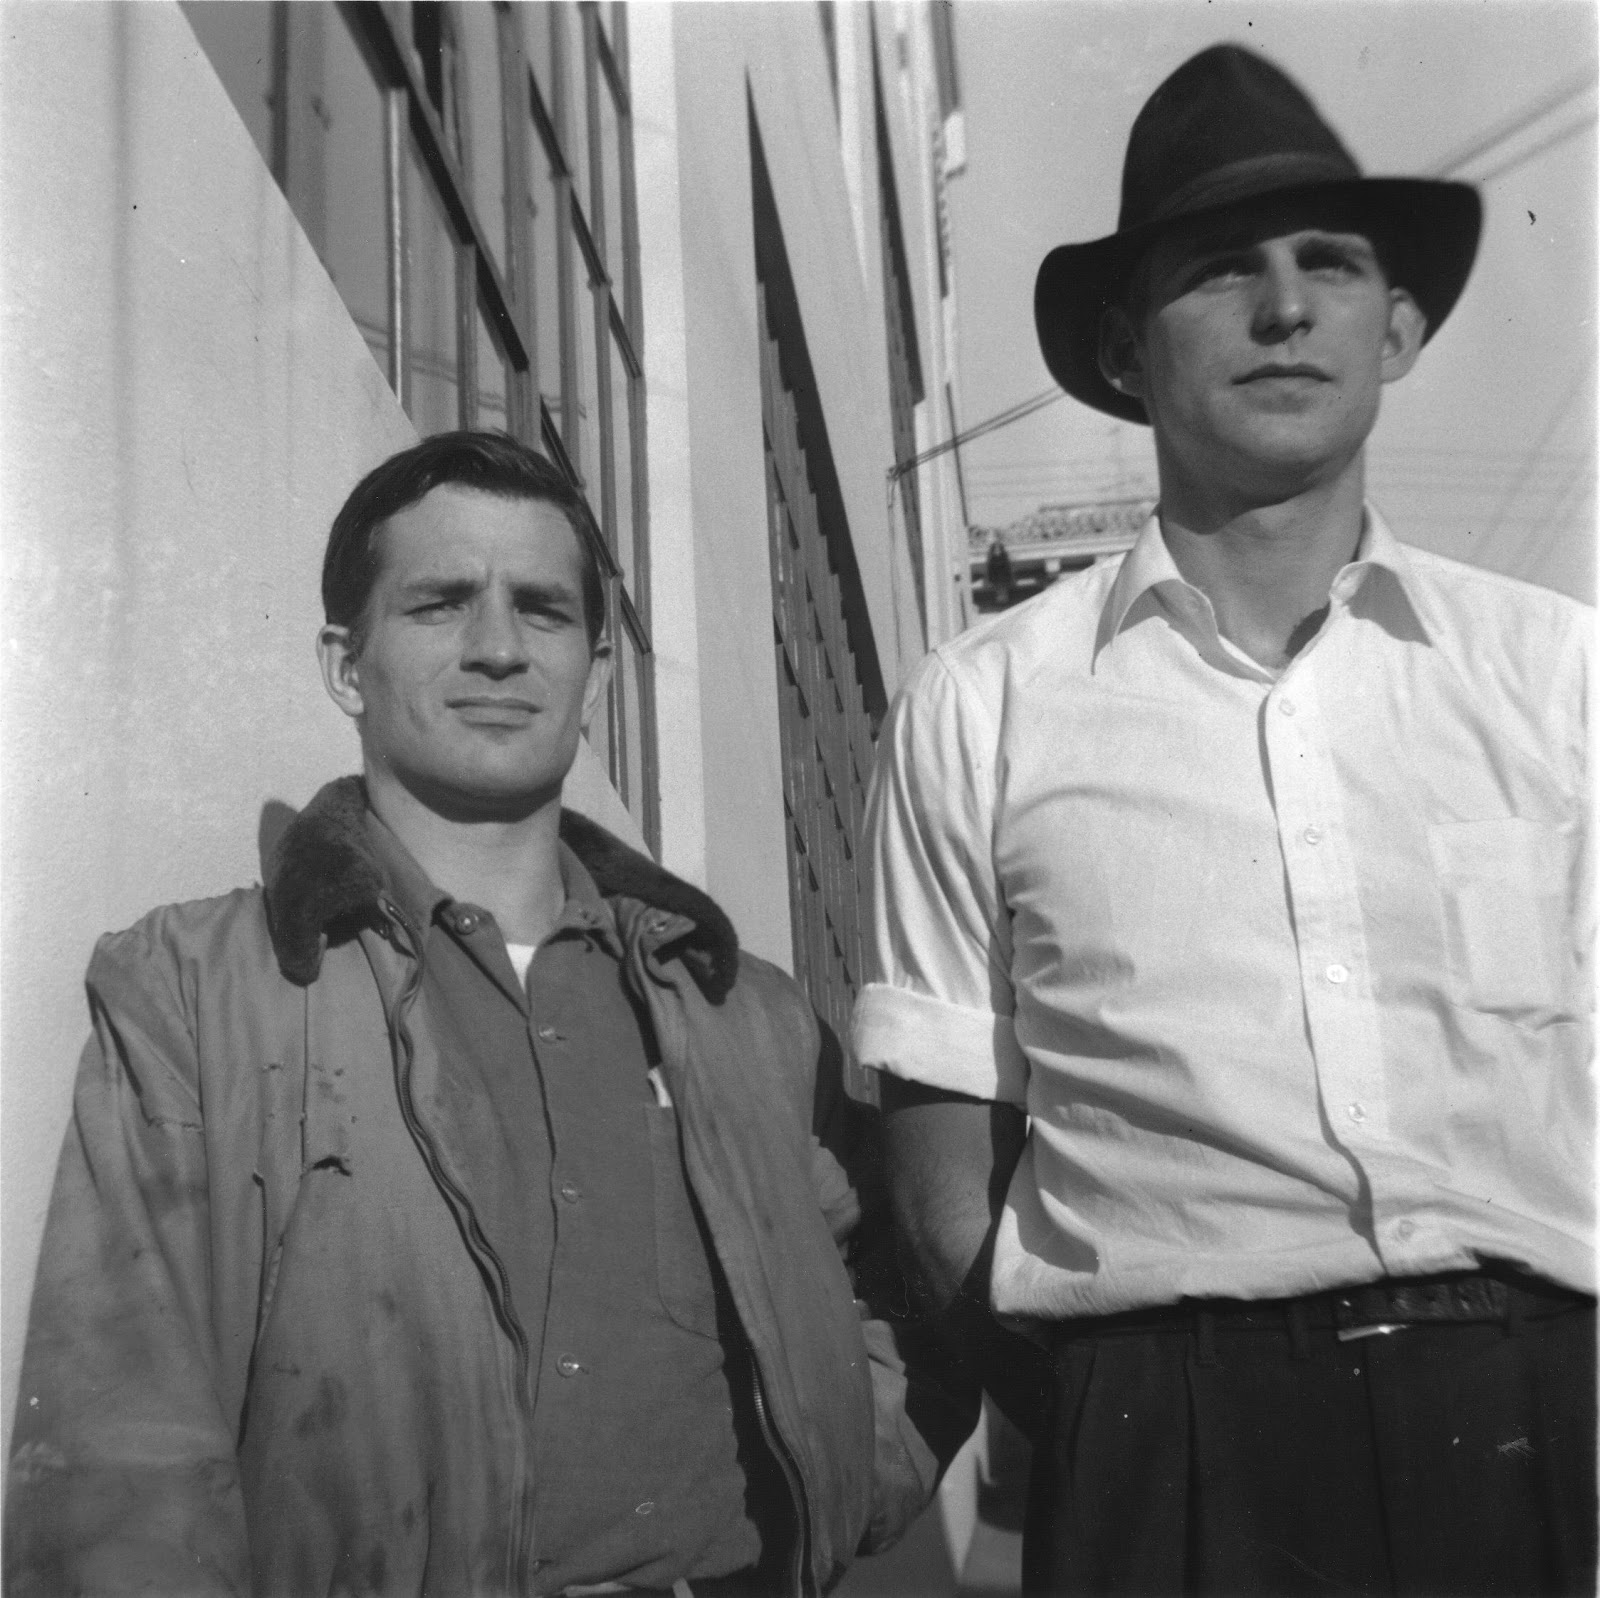 Al-and-Jack-Kerouac-Spring-1952-large.jpg